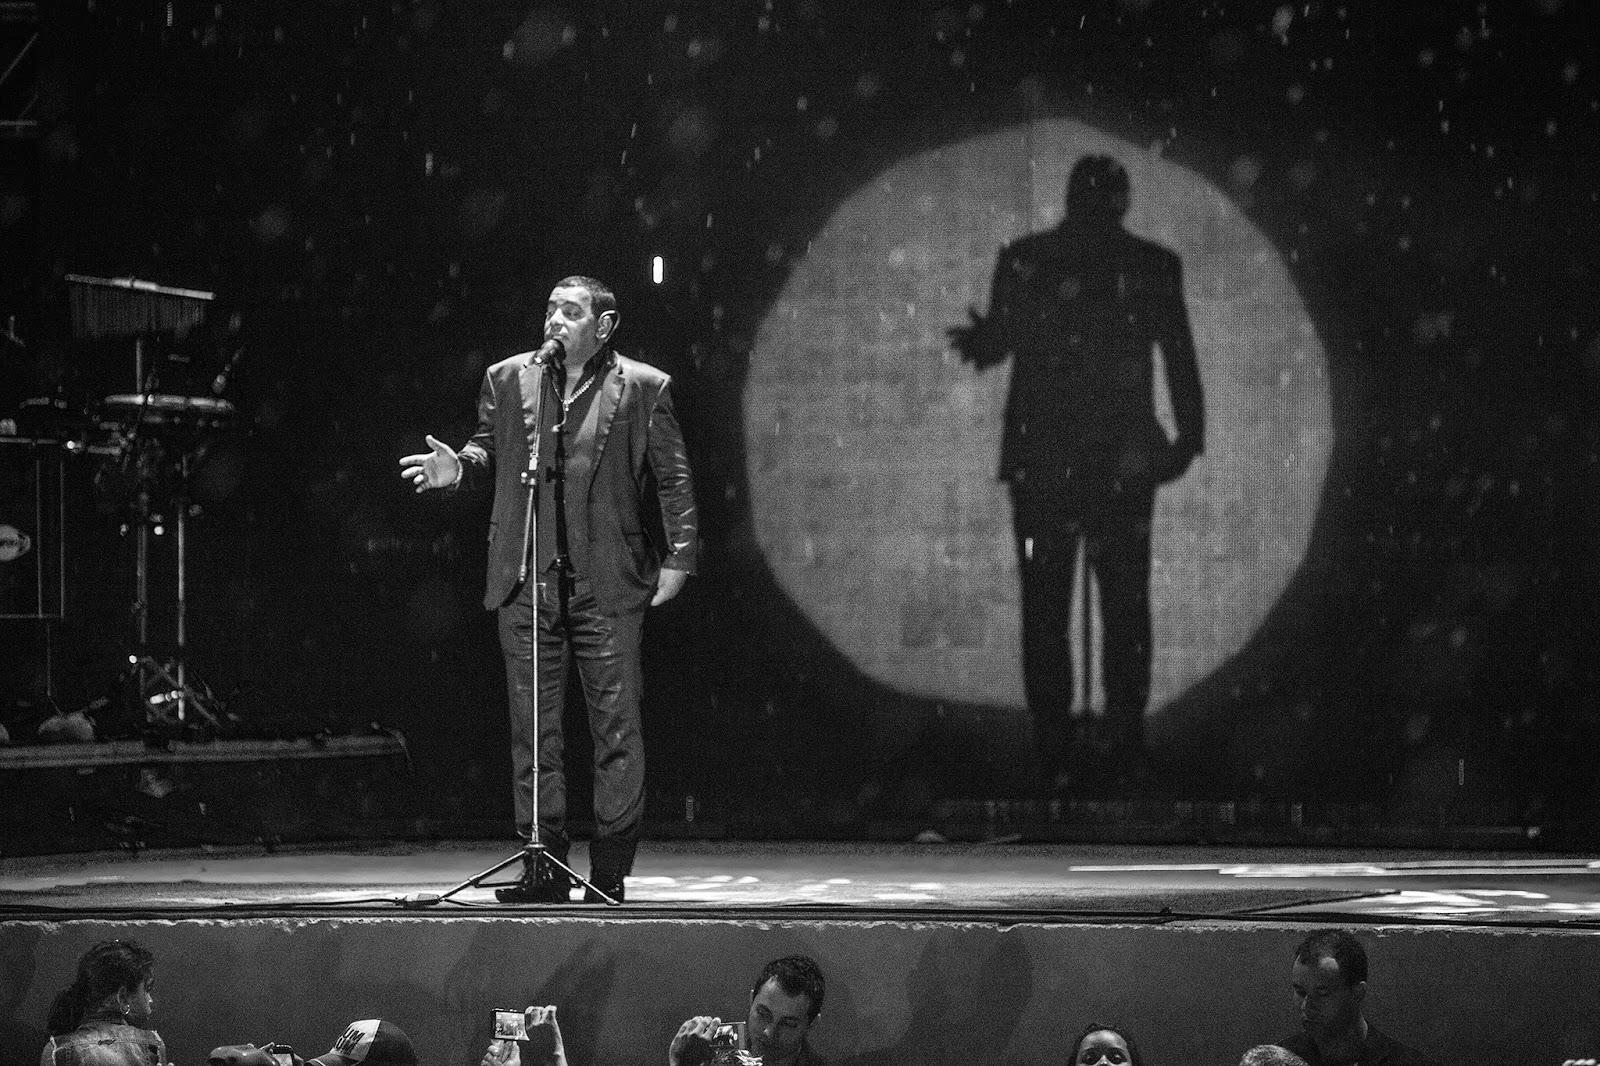 Raça Negra-Show-31 anos-Cheia de Manias-Quando te Encontrei-Maravilha-Deus Me Livre -Cigana -Acabou -A Mala Tá Pronta -Ciúme De Você -Jeito Felino-Goias-São Simão-GO